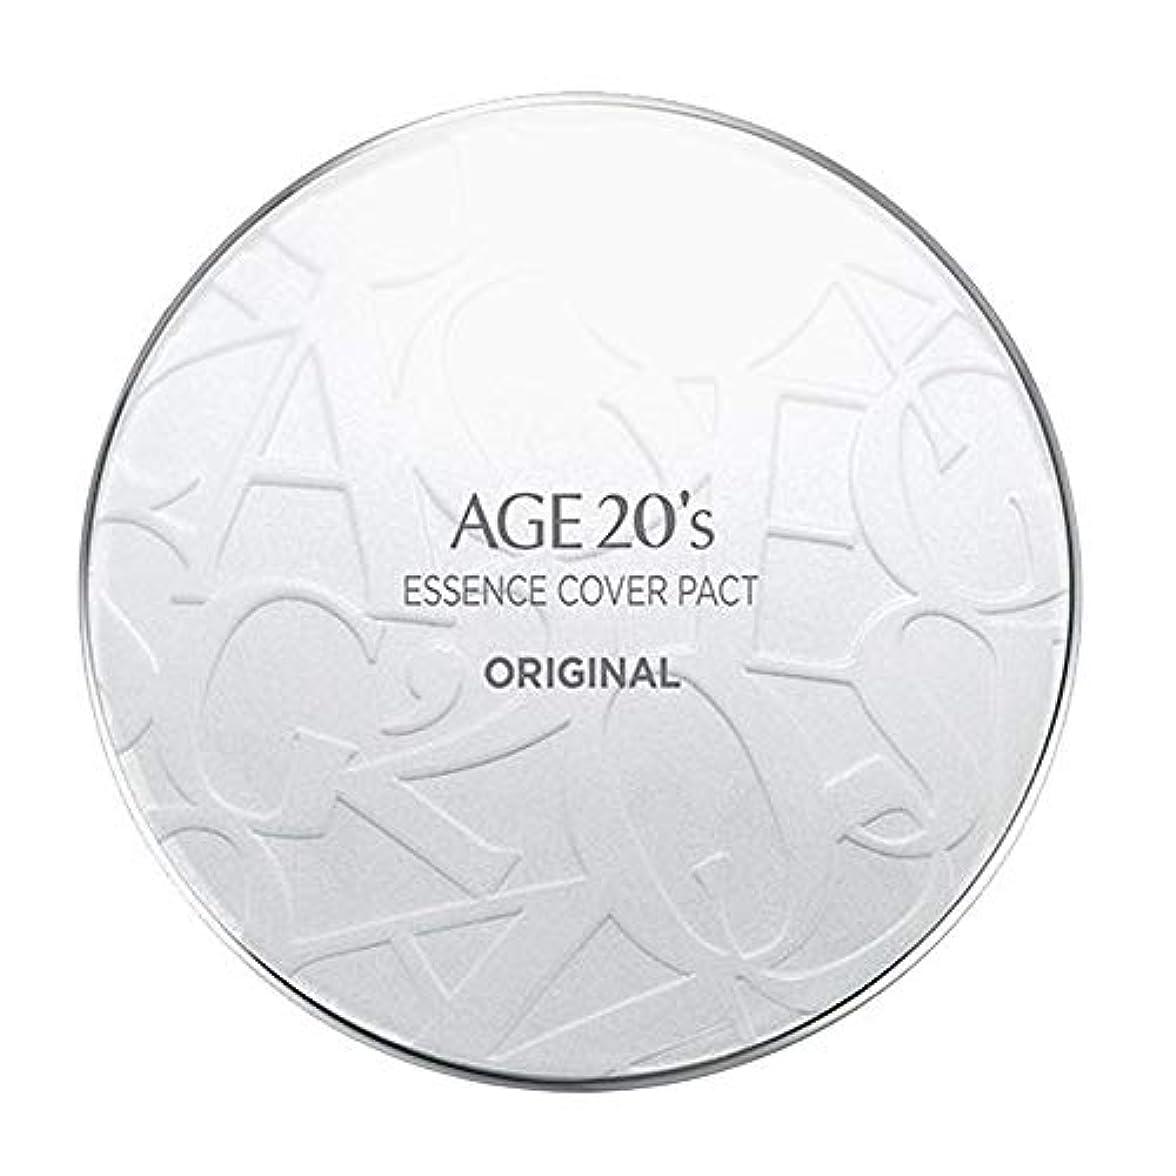 予言するボルト煙AGE 20's(エイジ20's) エッセンスカバーパクトオリジナル(ケース1個+リフィル2個付)ケースカラーホワイト (13号)